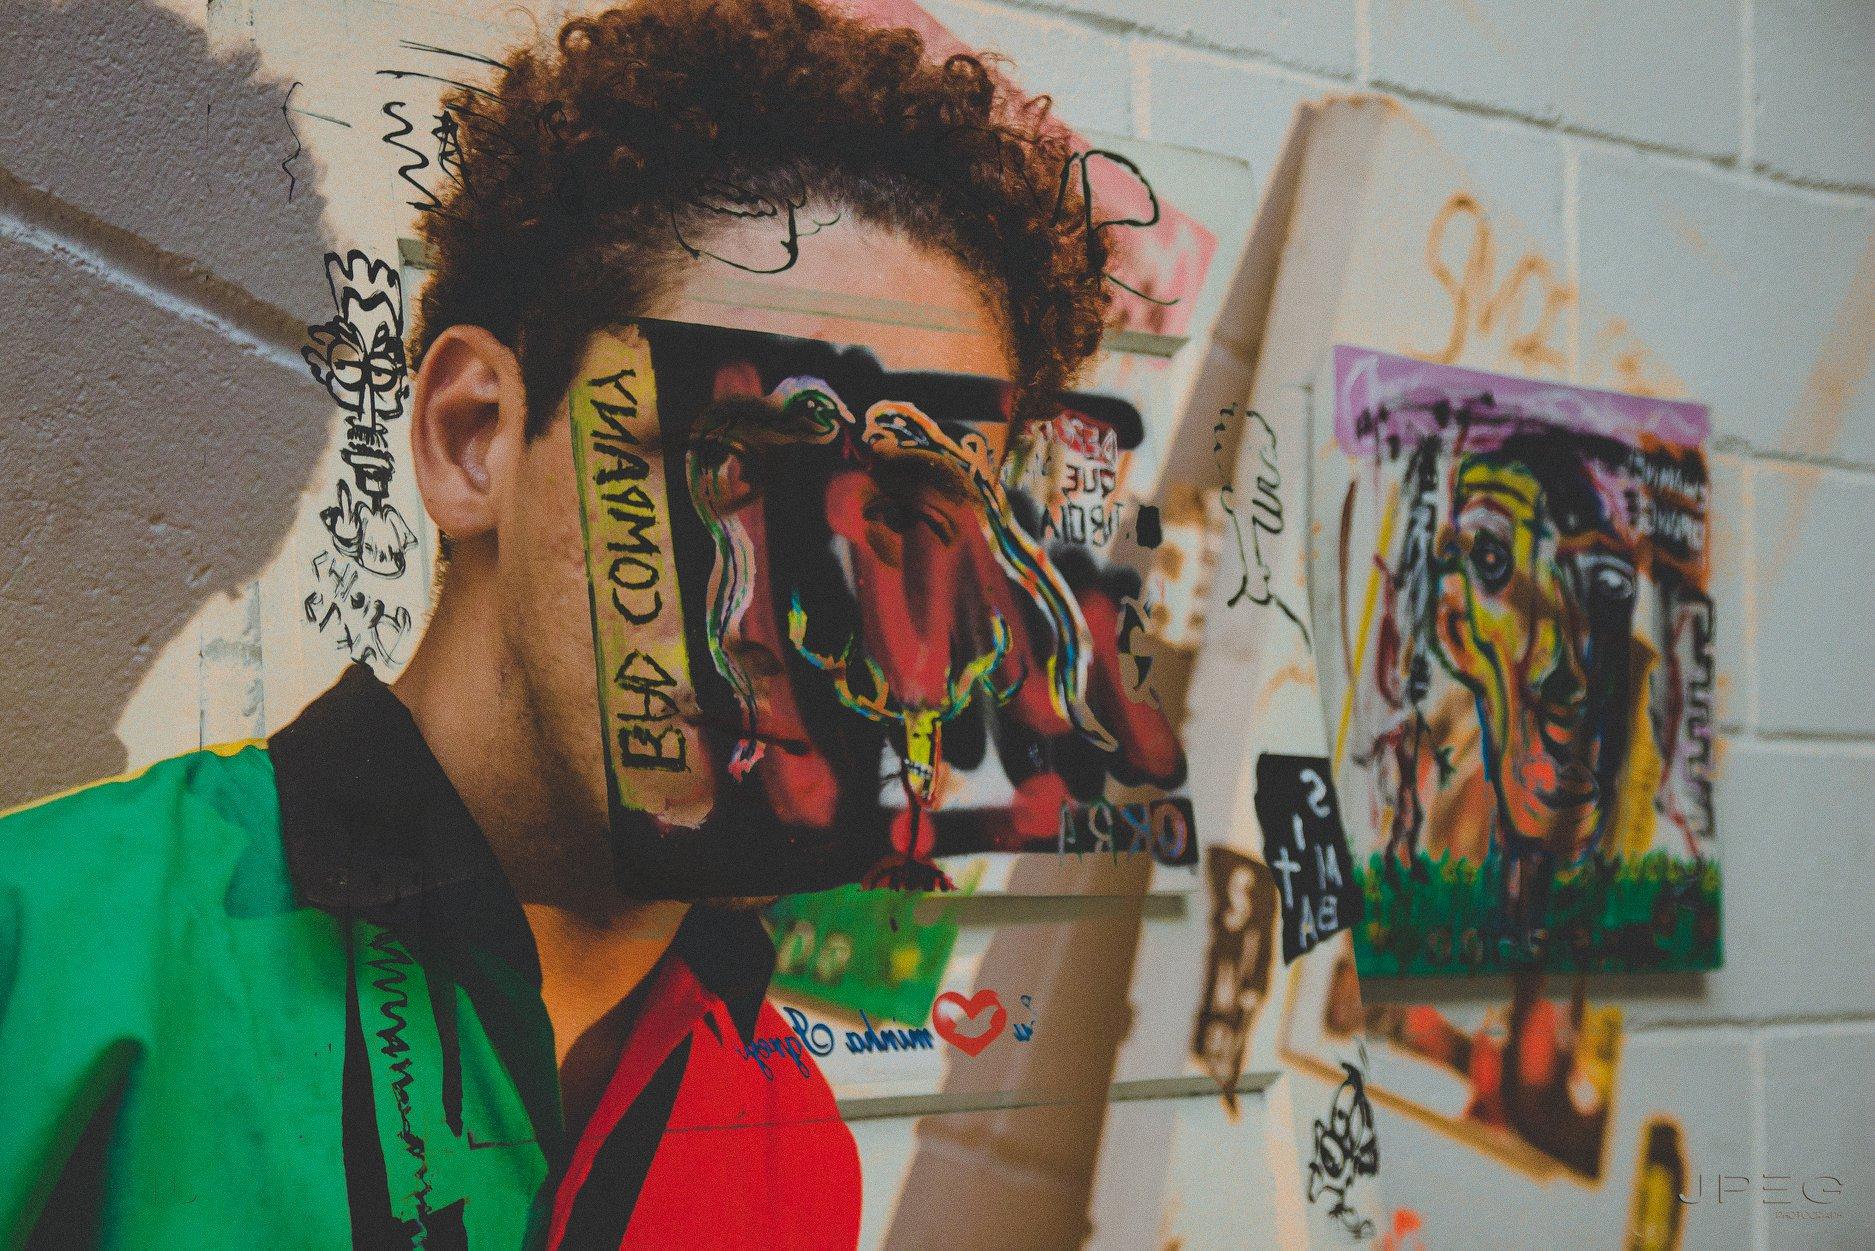 'Cuidado com o Neguin', 'Artrash' e 'Salgueiro Black Music': provas de que resistir nem sempre precisa ser doloroso